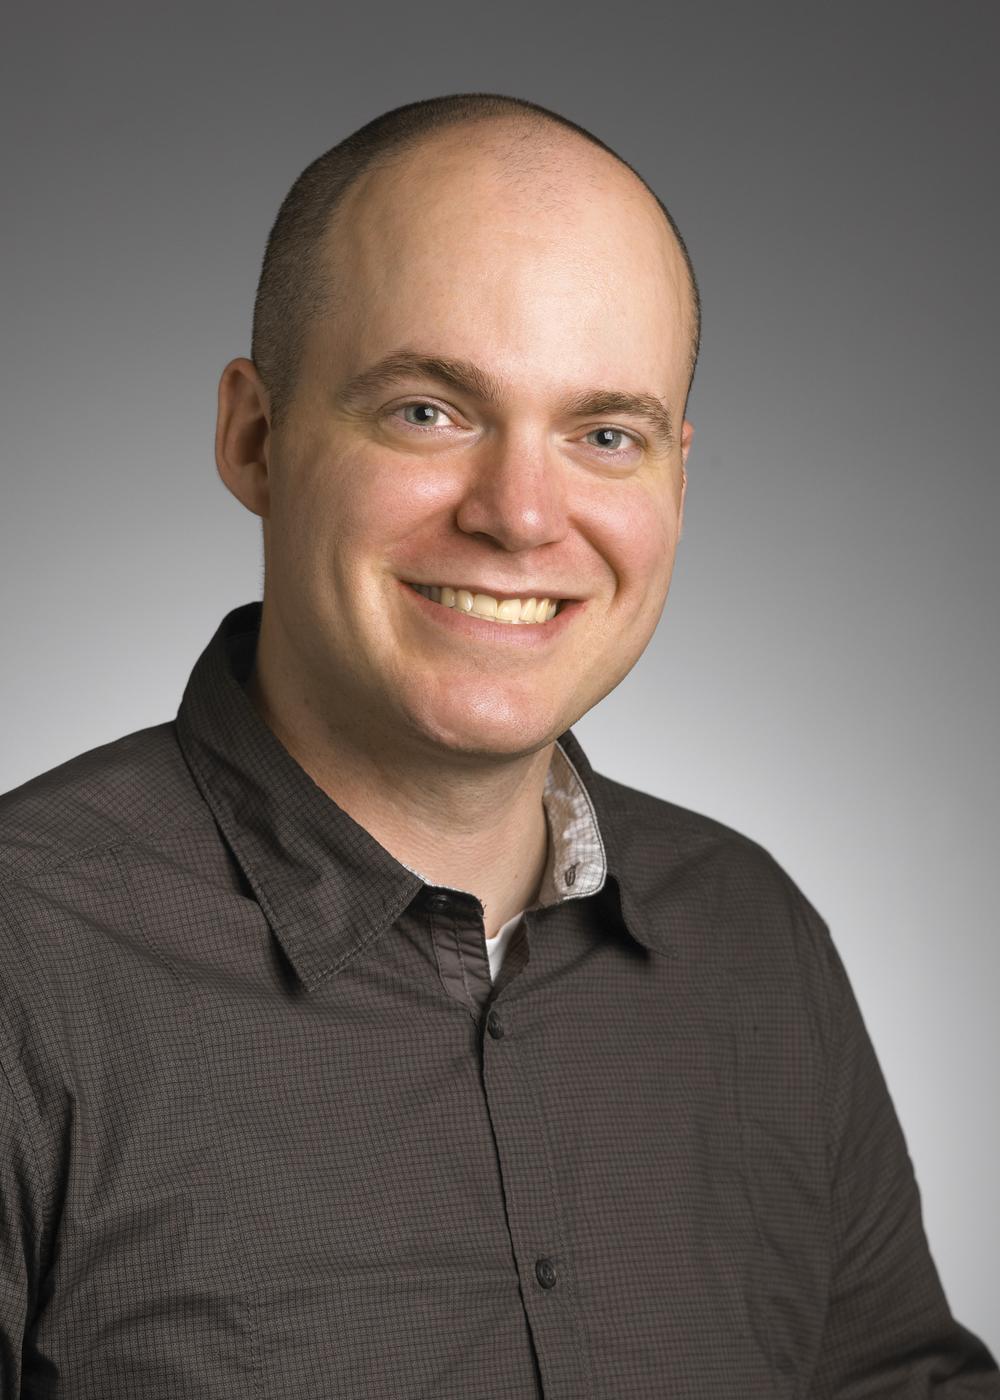 Chris Osborne, BA, CFP, CIM Photo